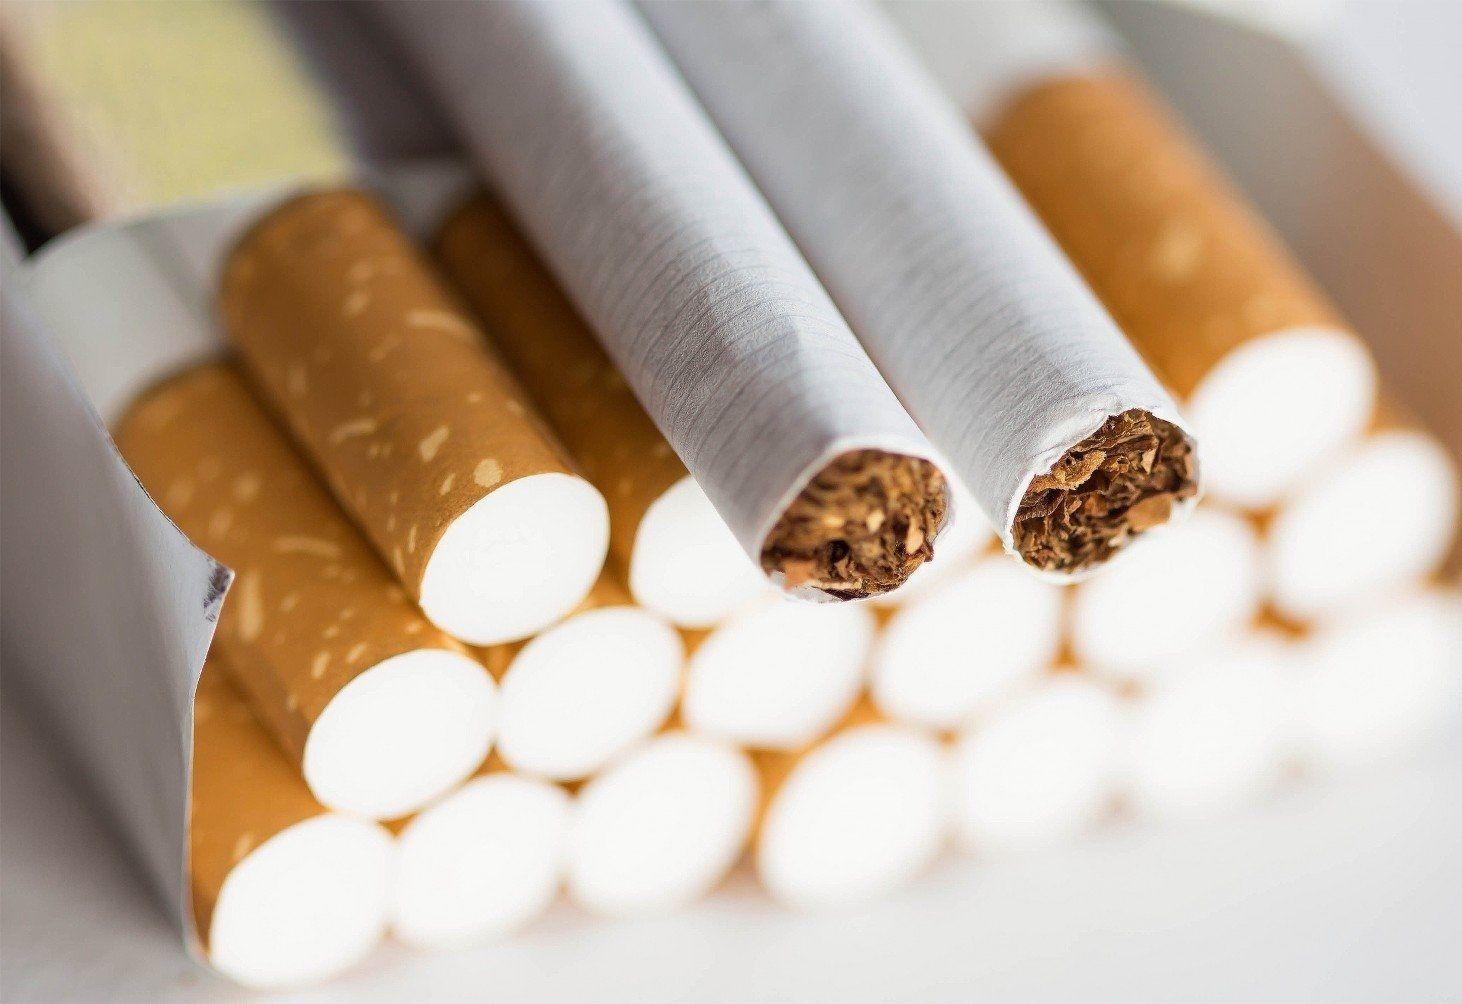 Популярные марки сигарет в Украине: как и где купить?